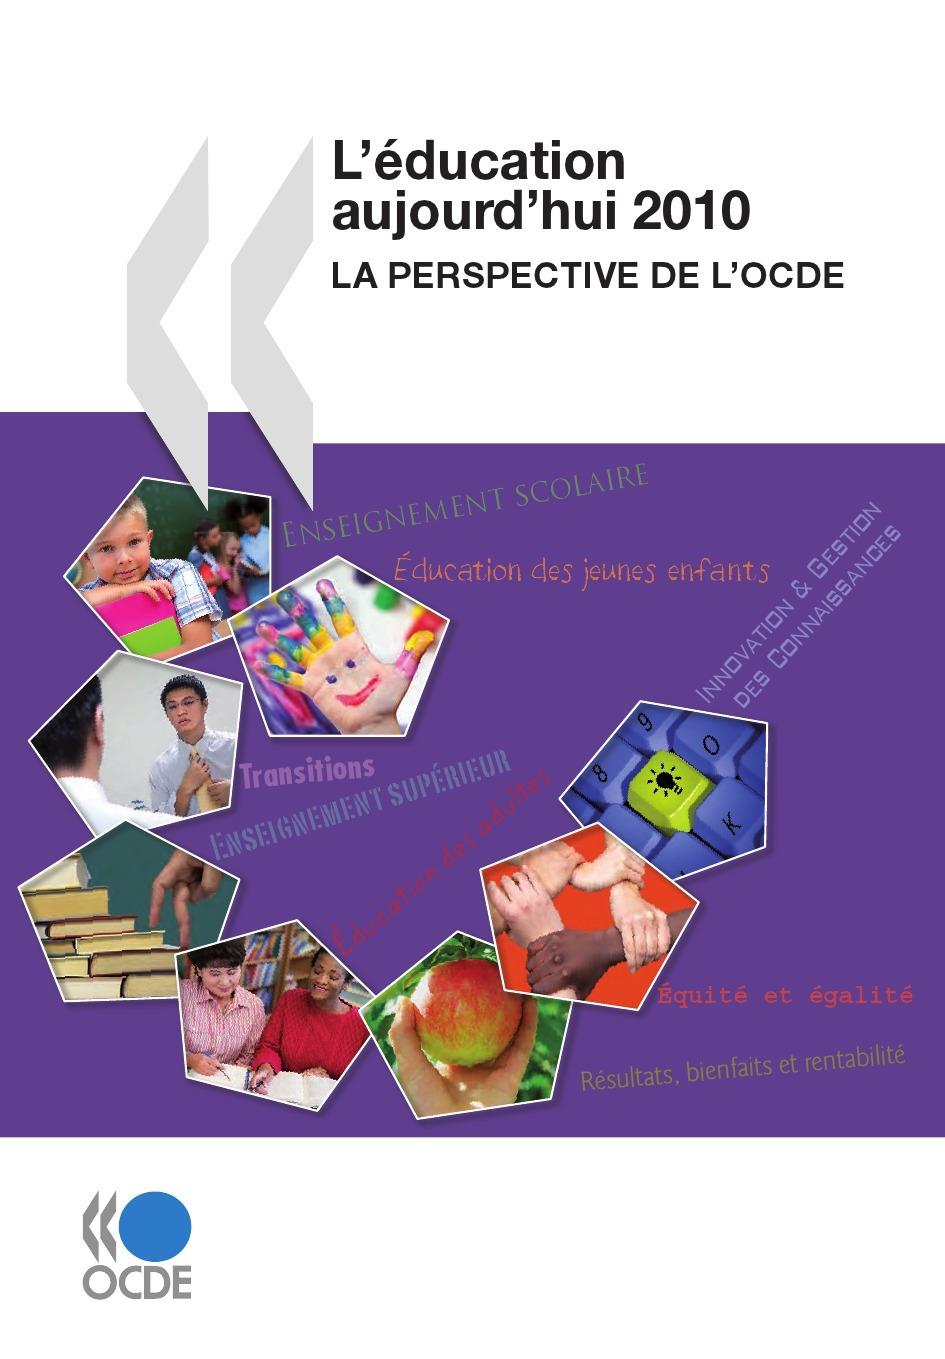 L'éducation aujourd'hui 2010